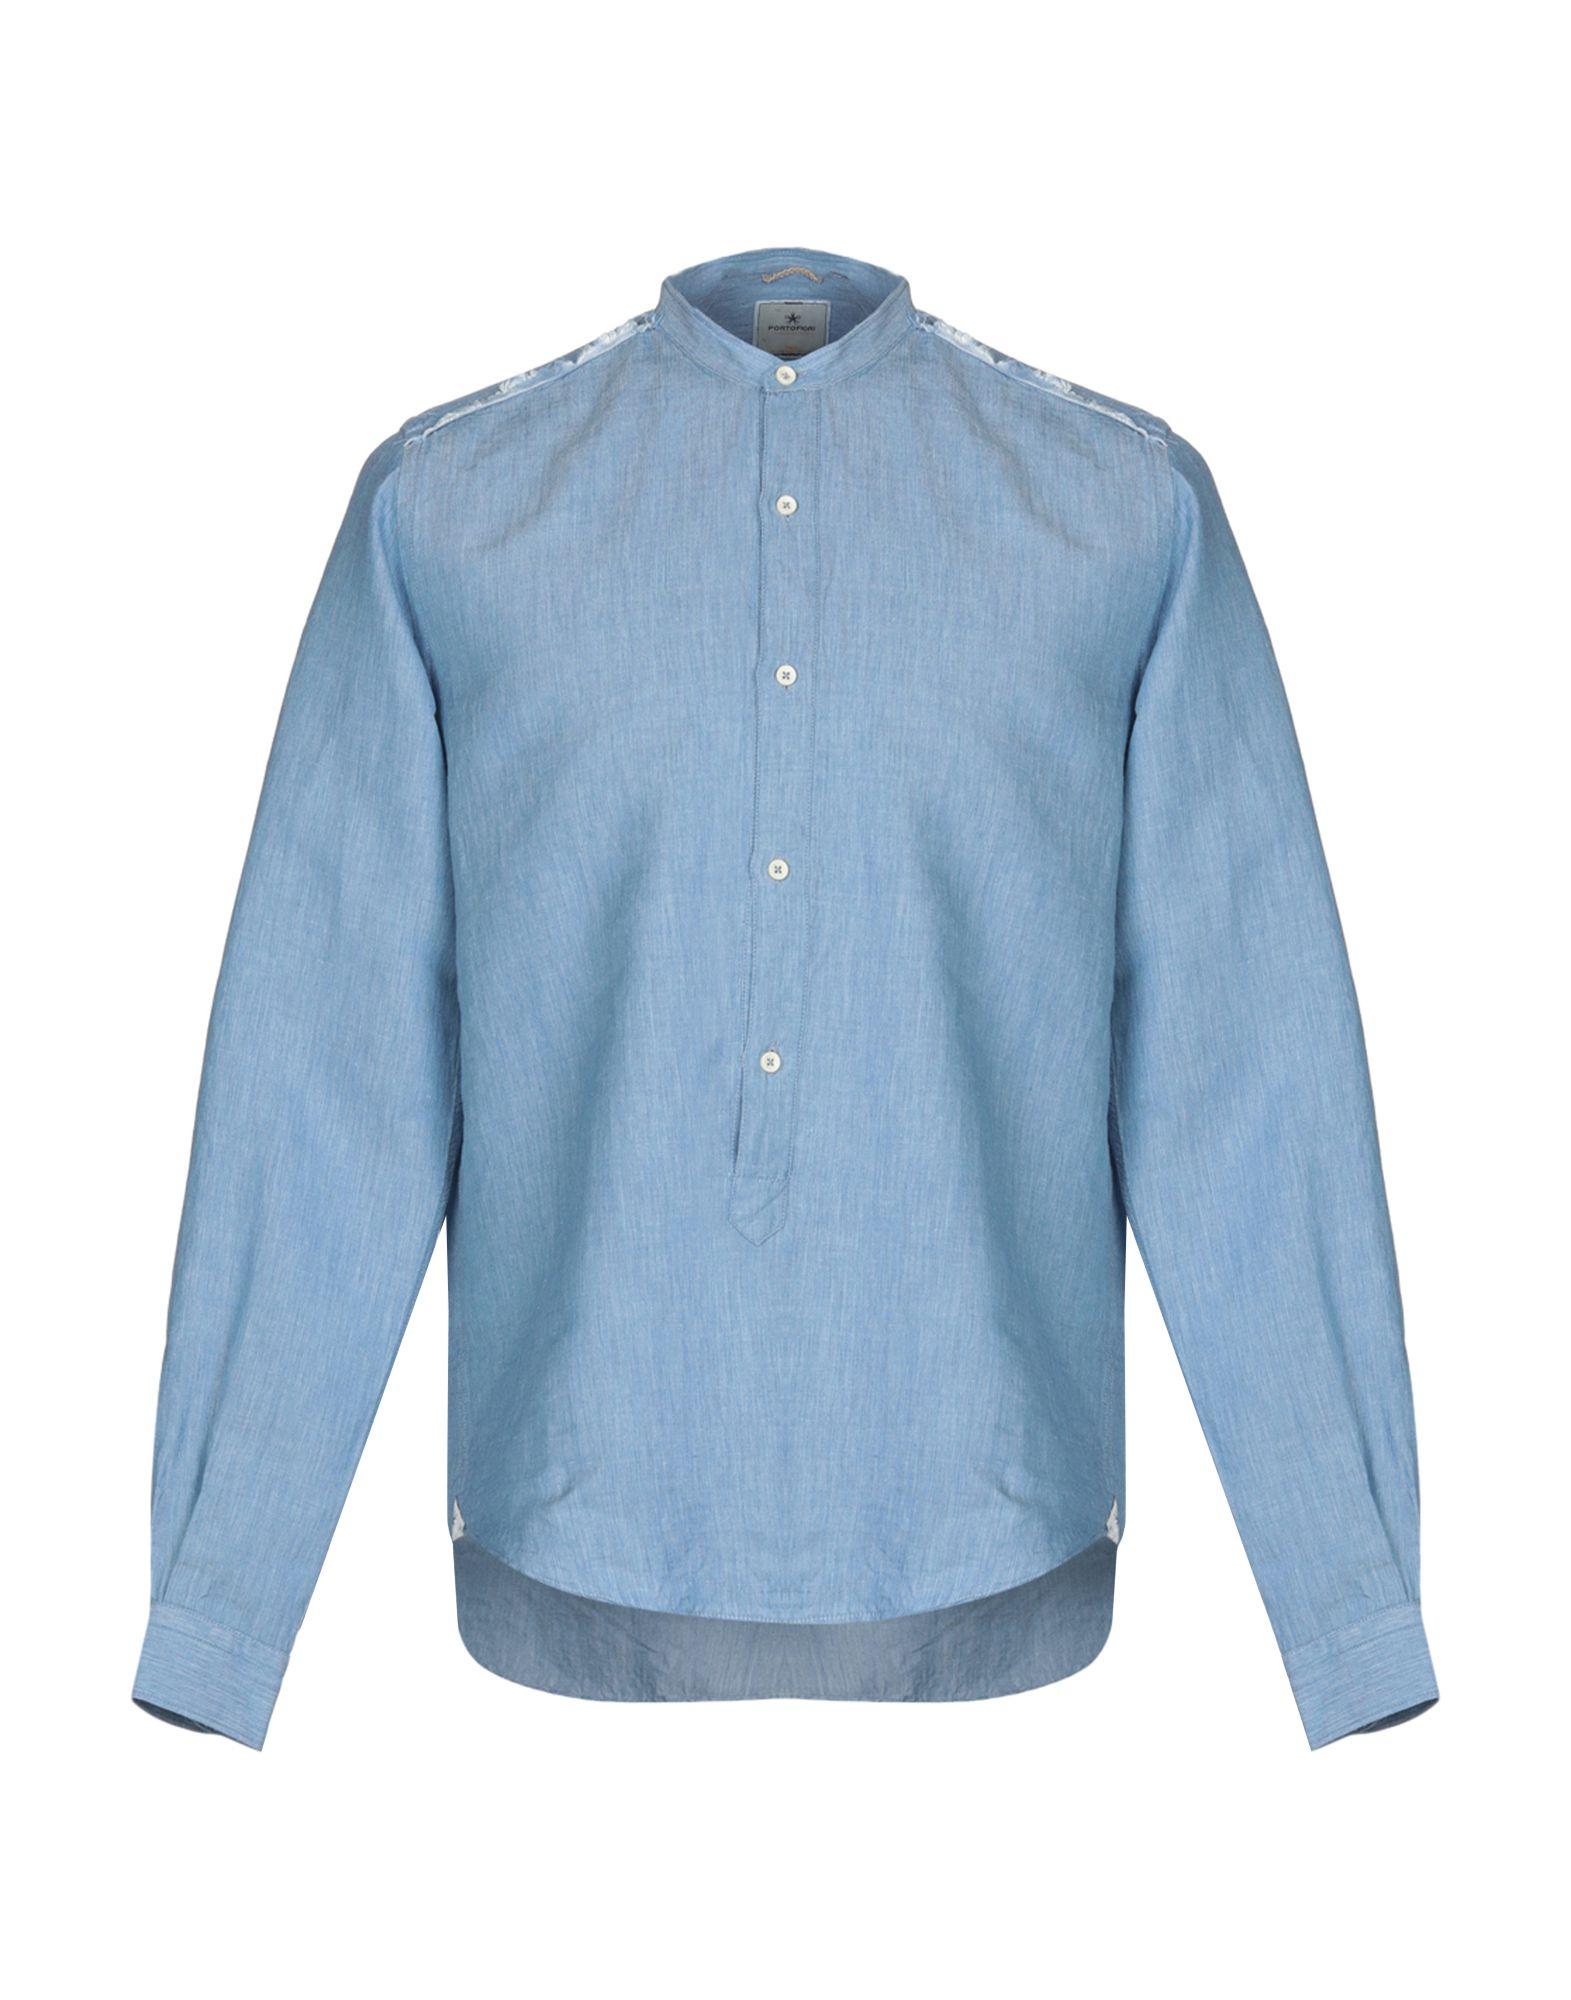 PORTOFIORI Джинсовая рубашка